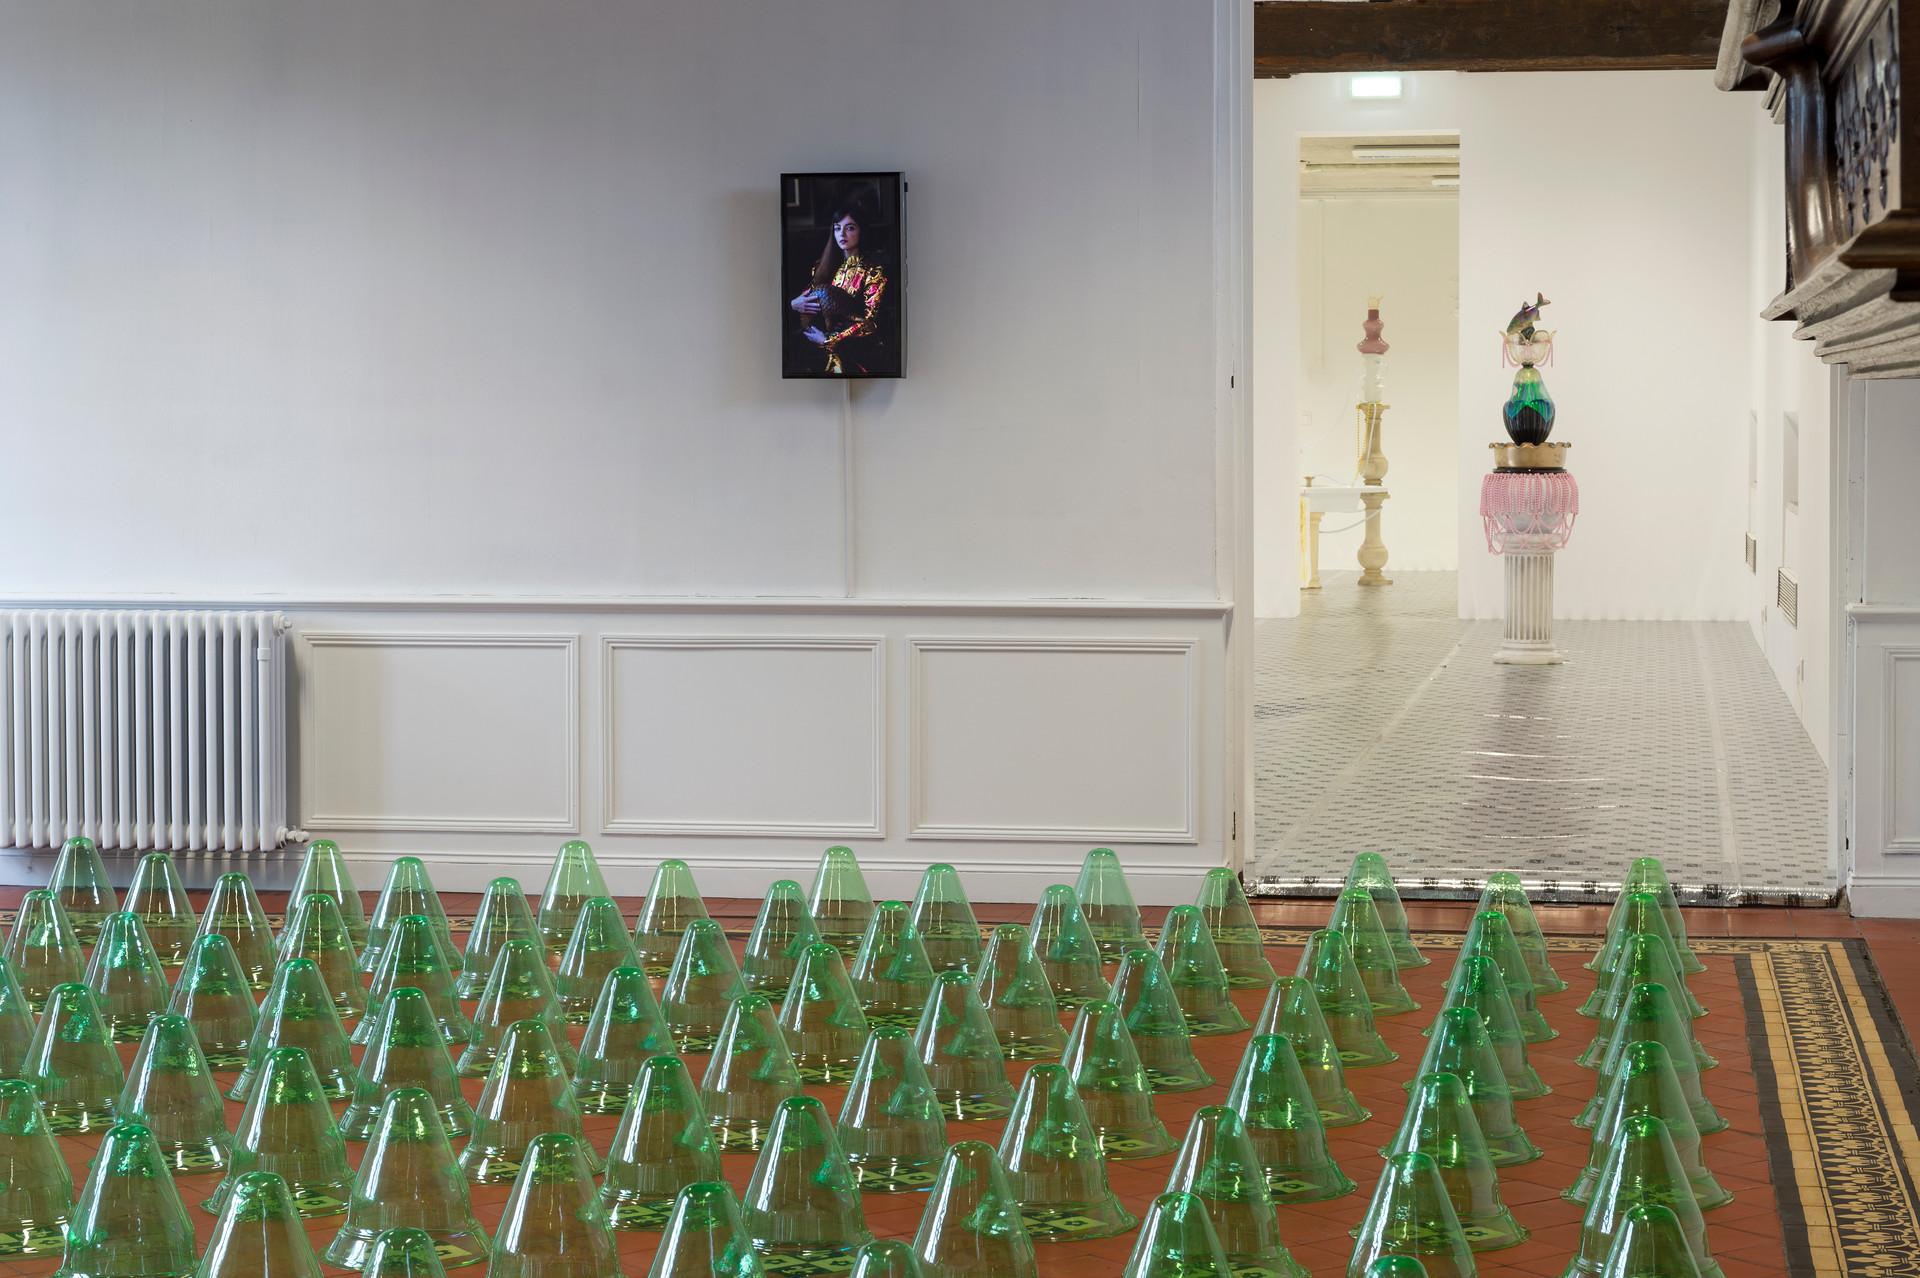 Jardin à la Française / installation in situ / cloches en plastique de jardin, à l'Académie (le SHED), à Maromme, septembre 2019. © Marc Domage